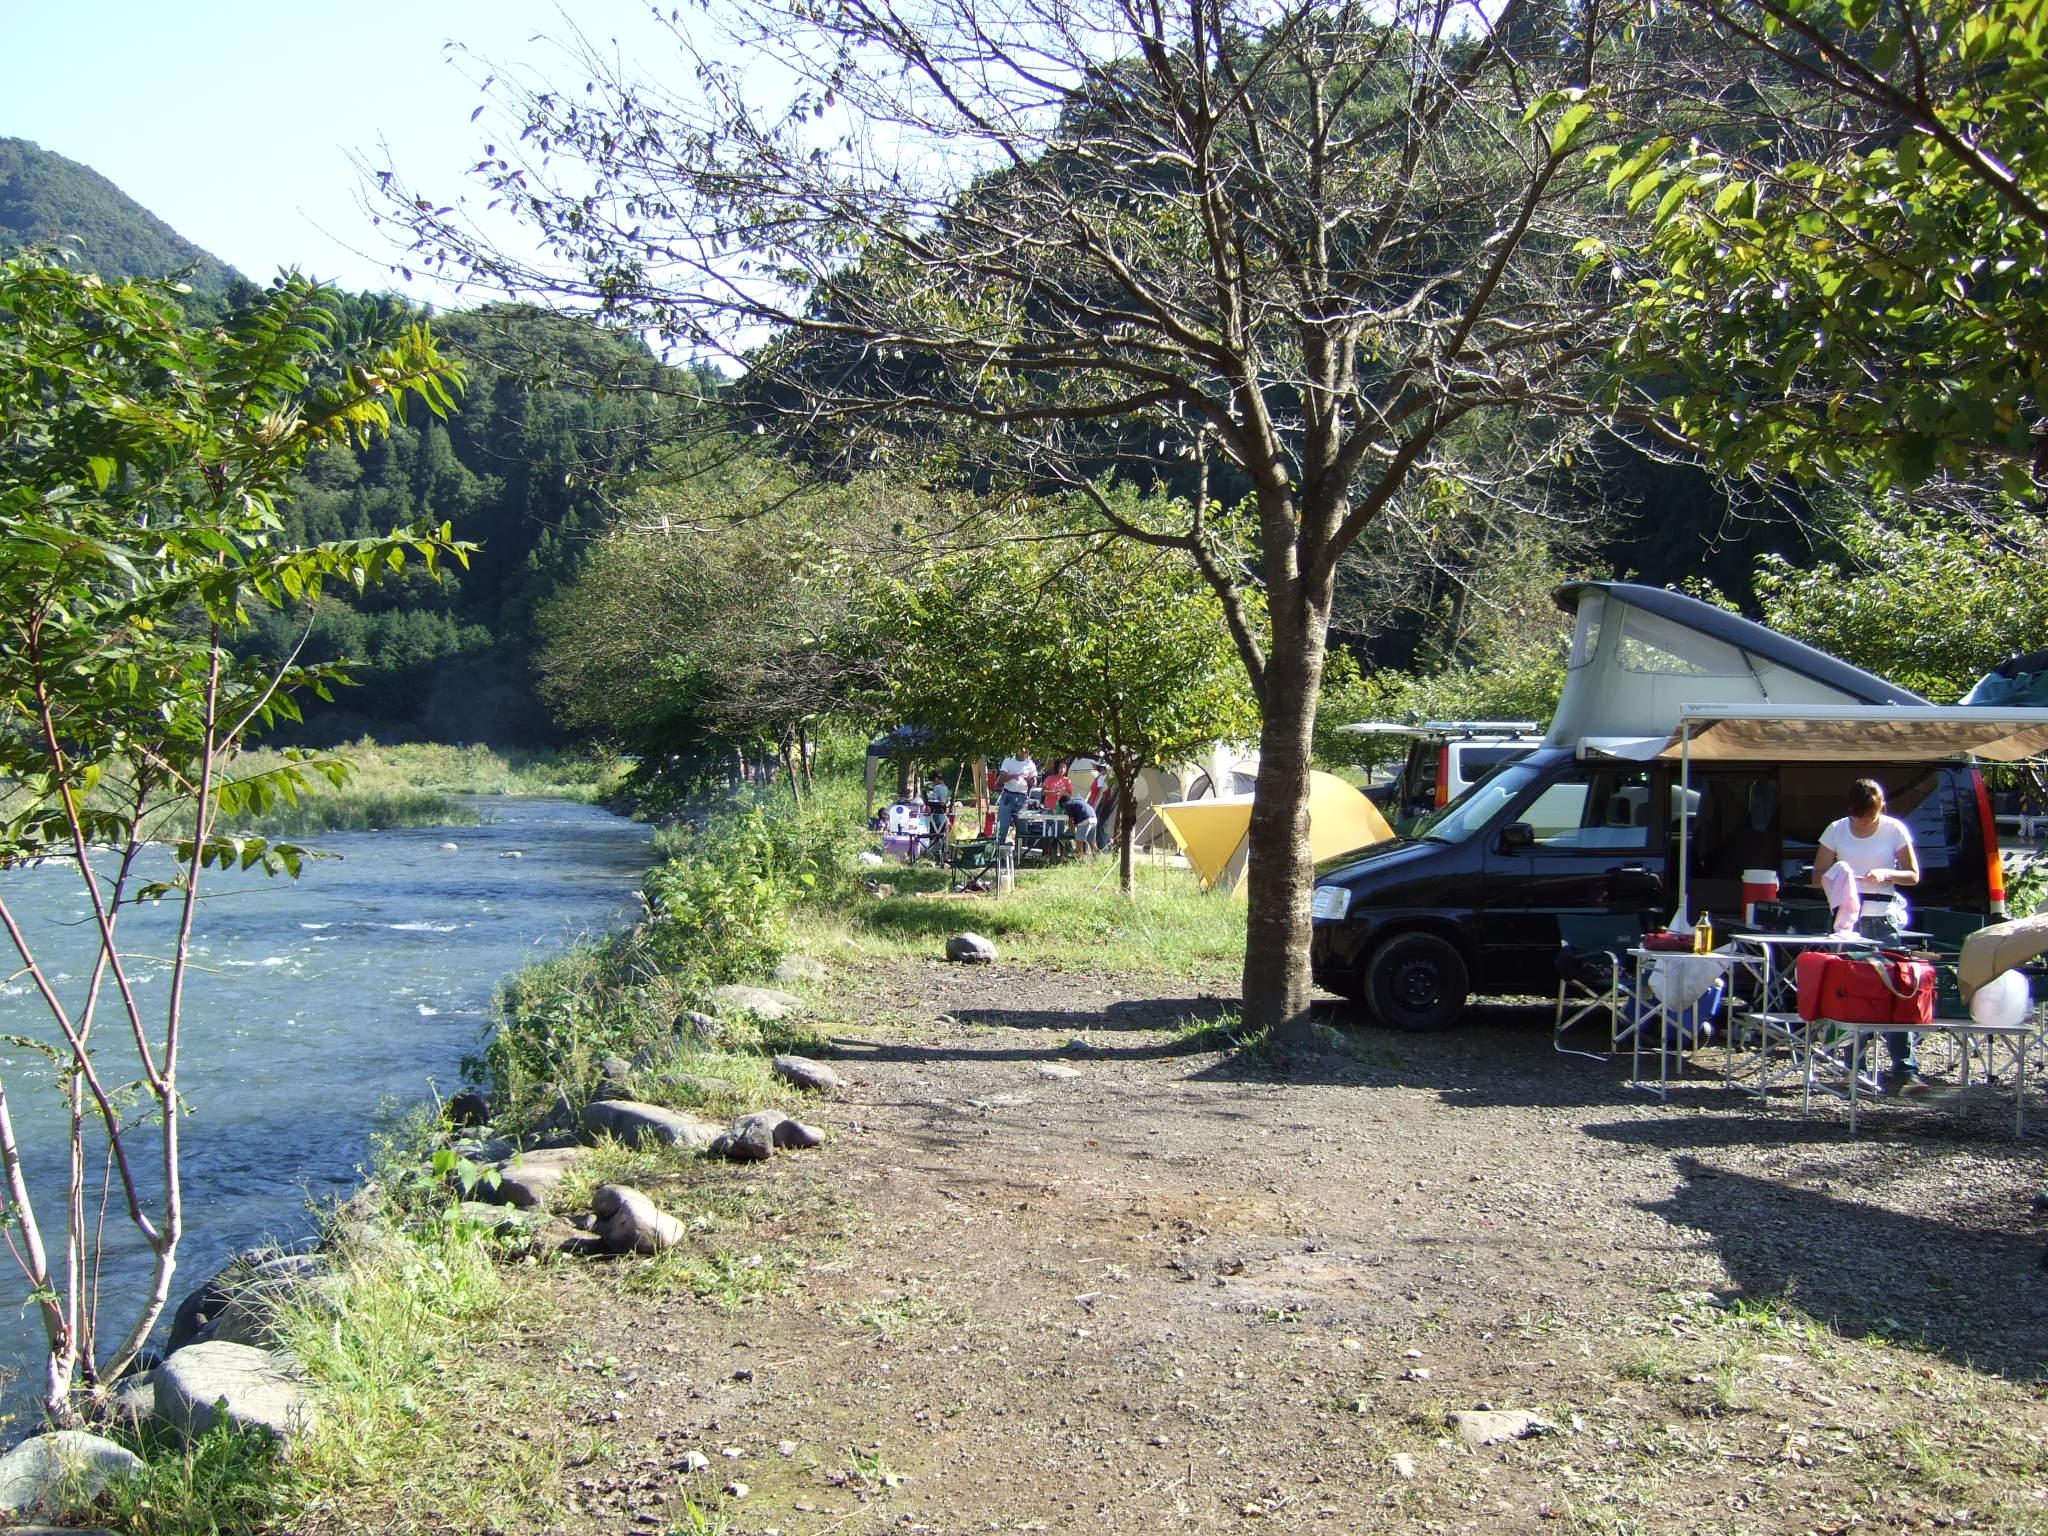 関西で川遊びおすすめスポットは?キャンプやバーベキューも子供と楽しめる!